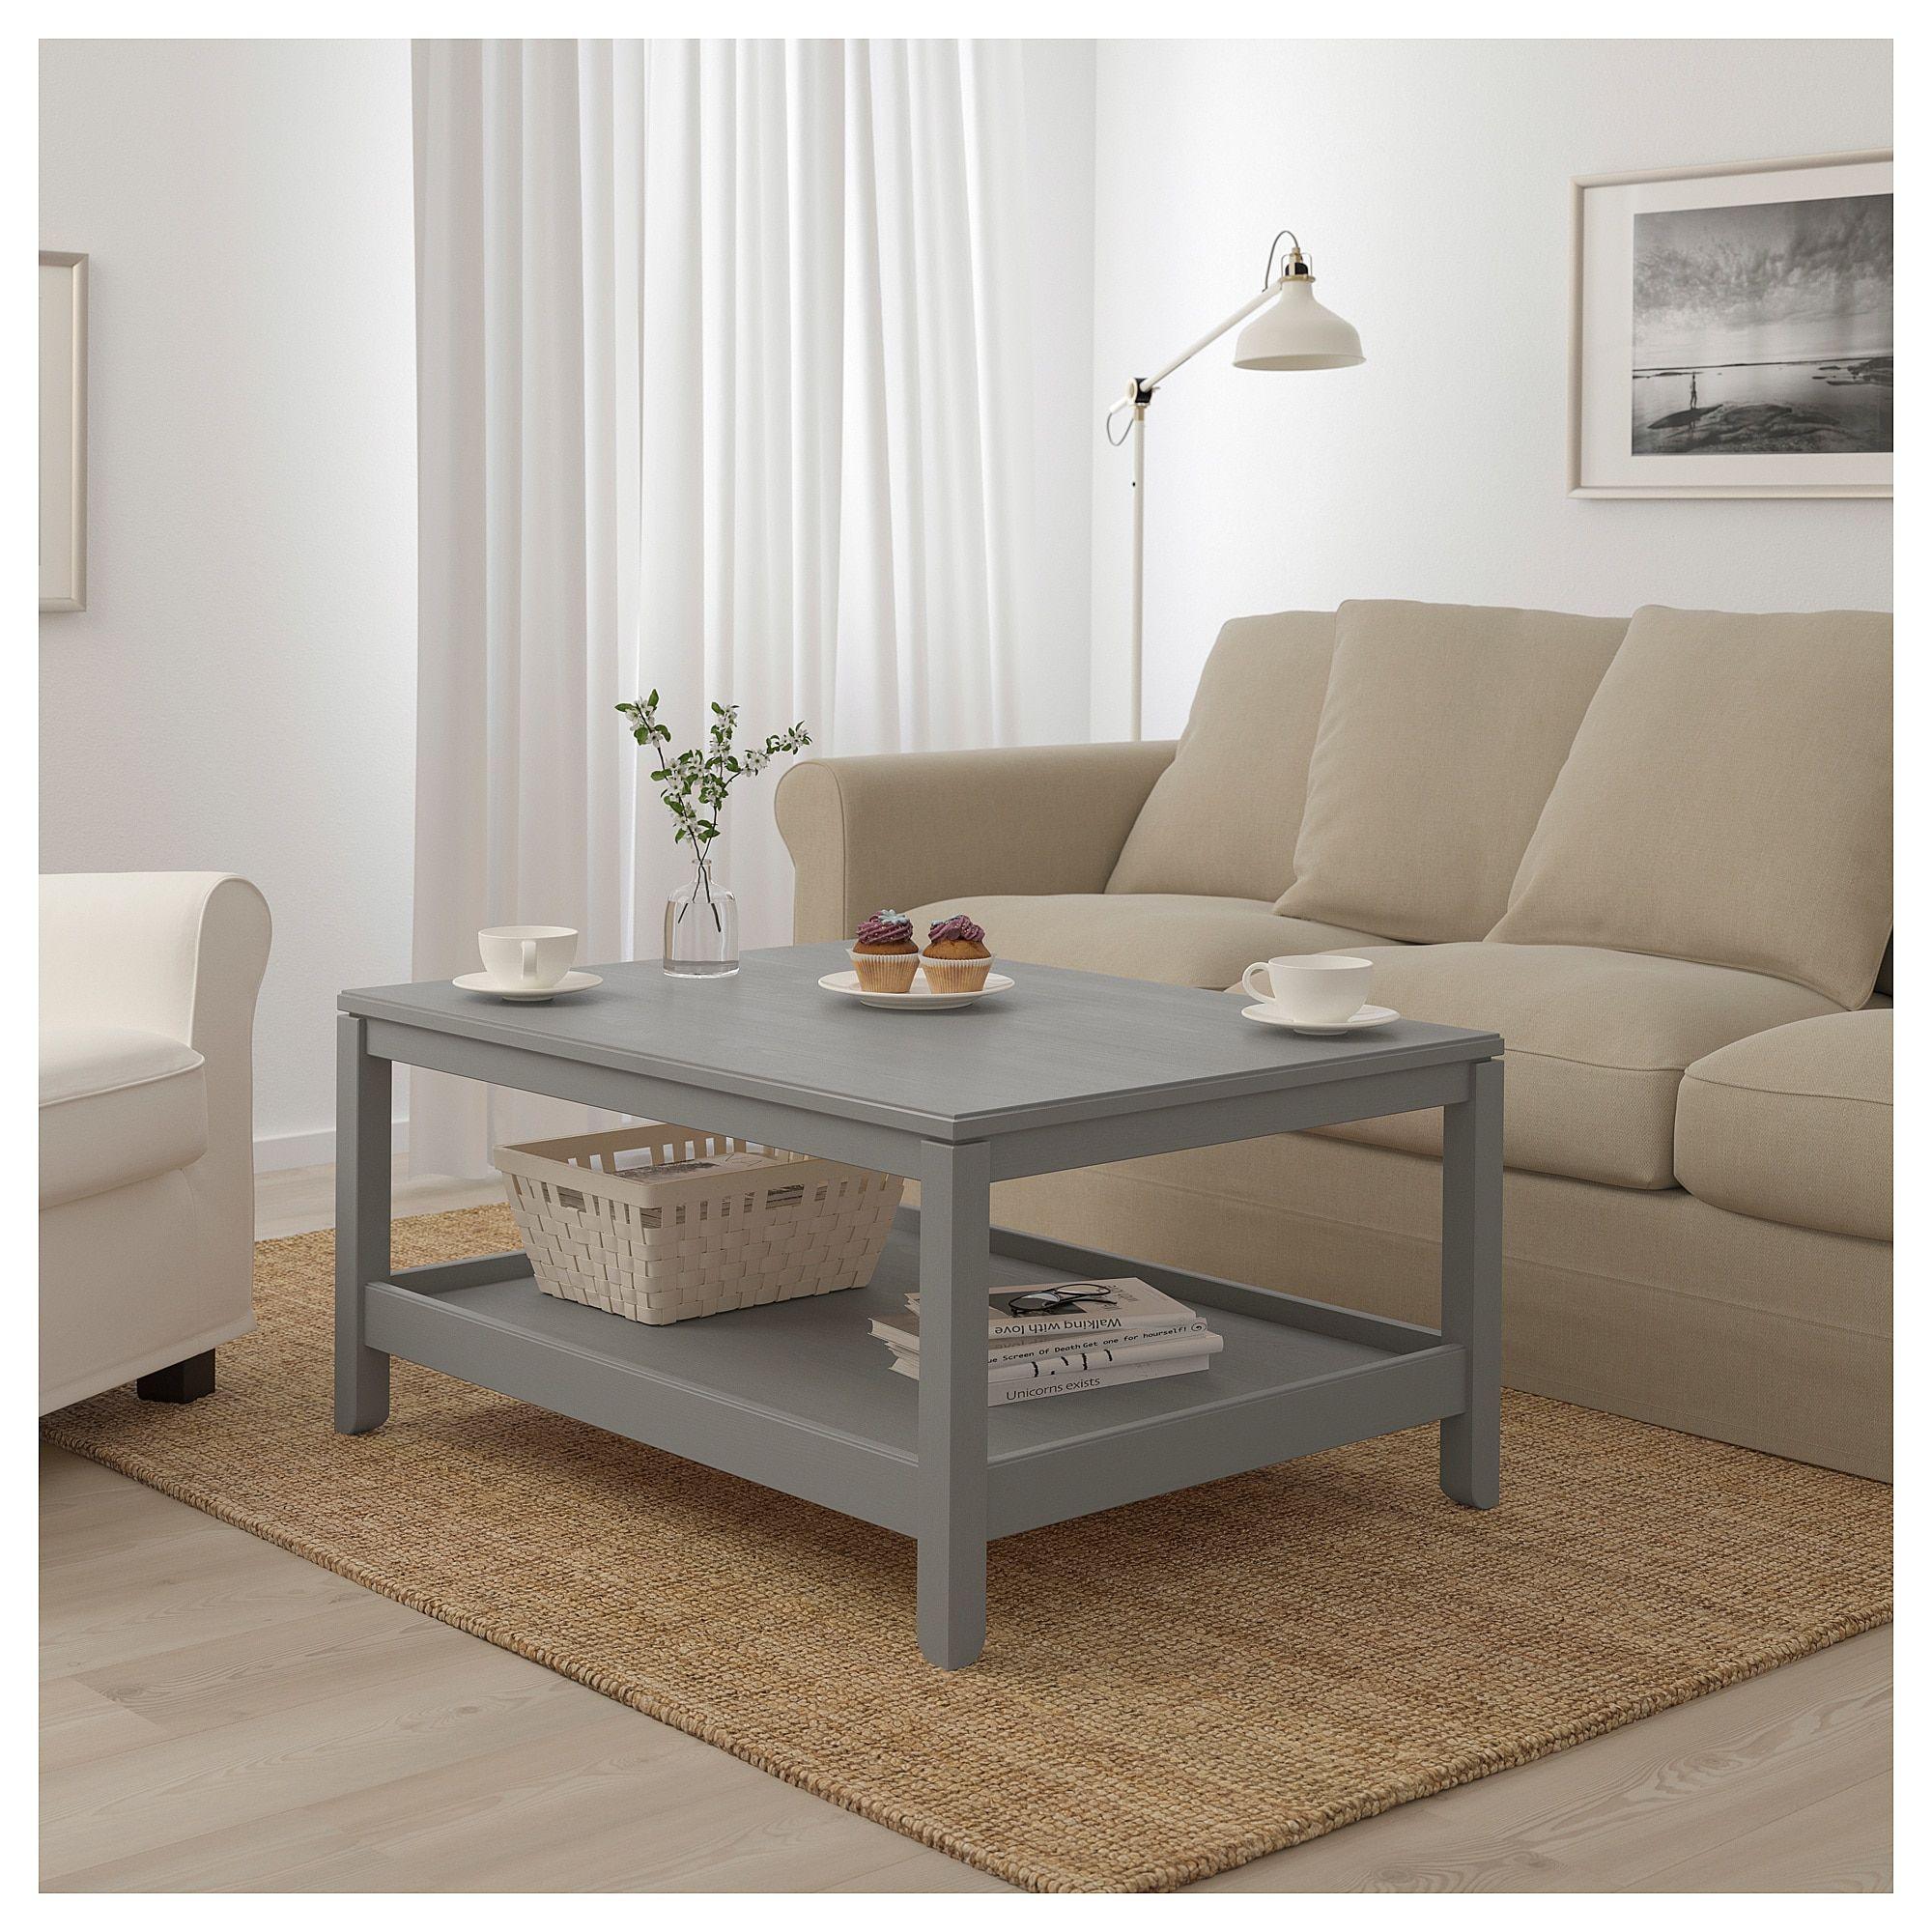 Furniture and Home Furnishings in 2020 Ikea coffee table